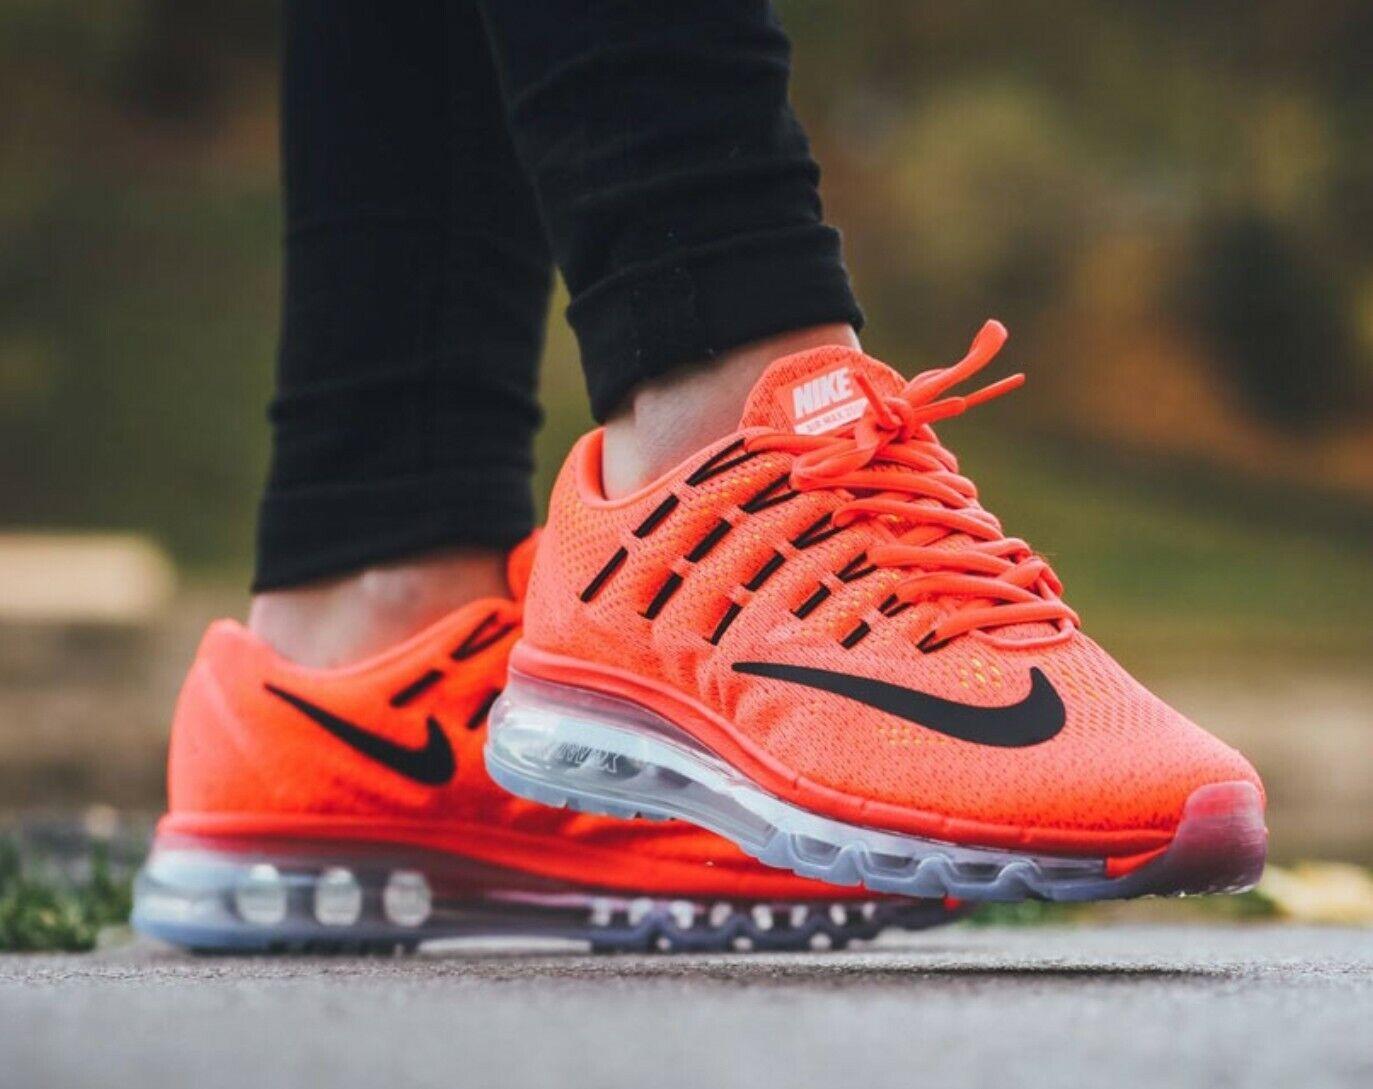 WMNS Nike Air Max 2016 - 806772 800